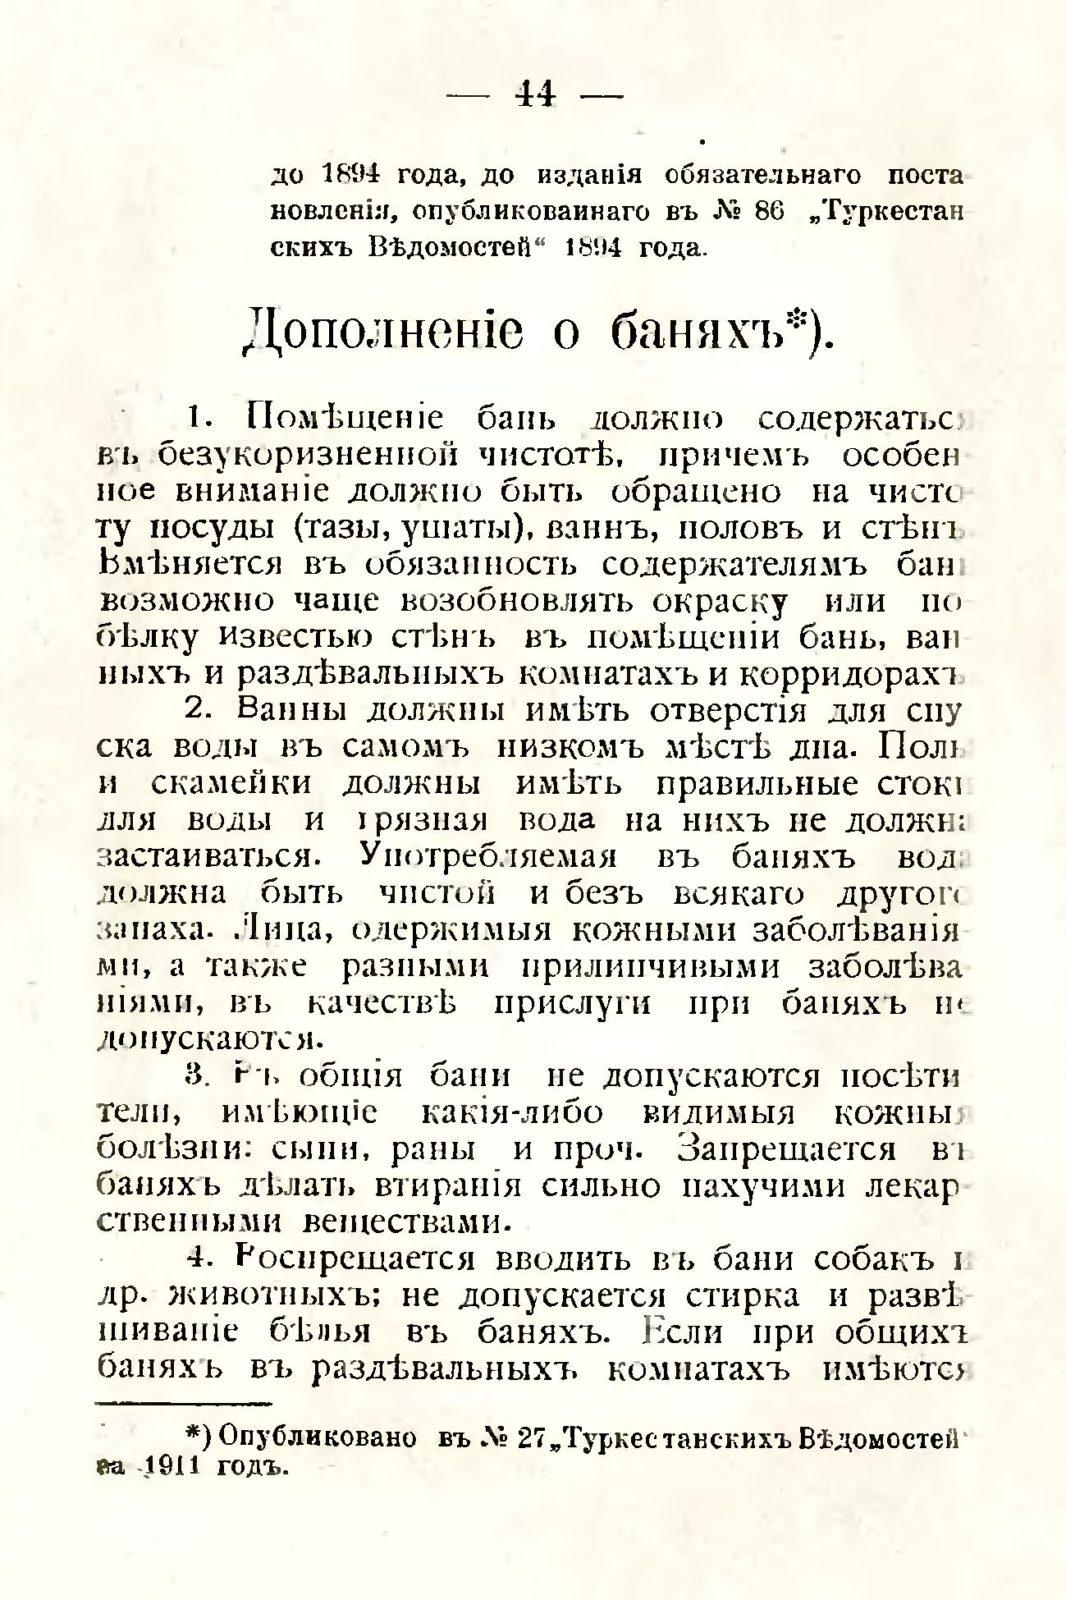 sbornik_obyazatelnyh_postanovlenii_tashkentskoi_gorodskoi_du_48